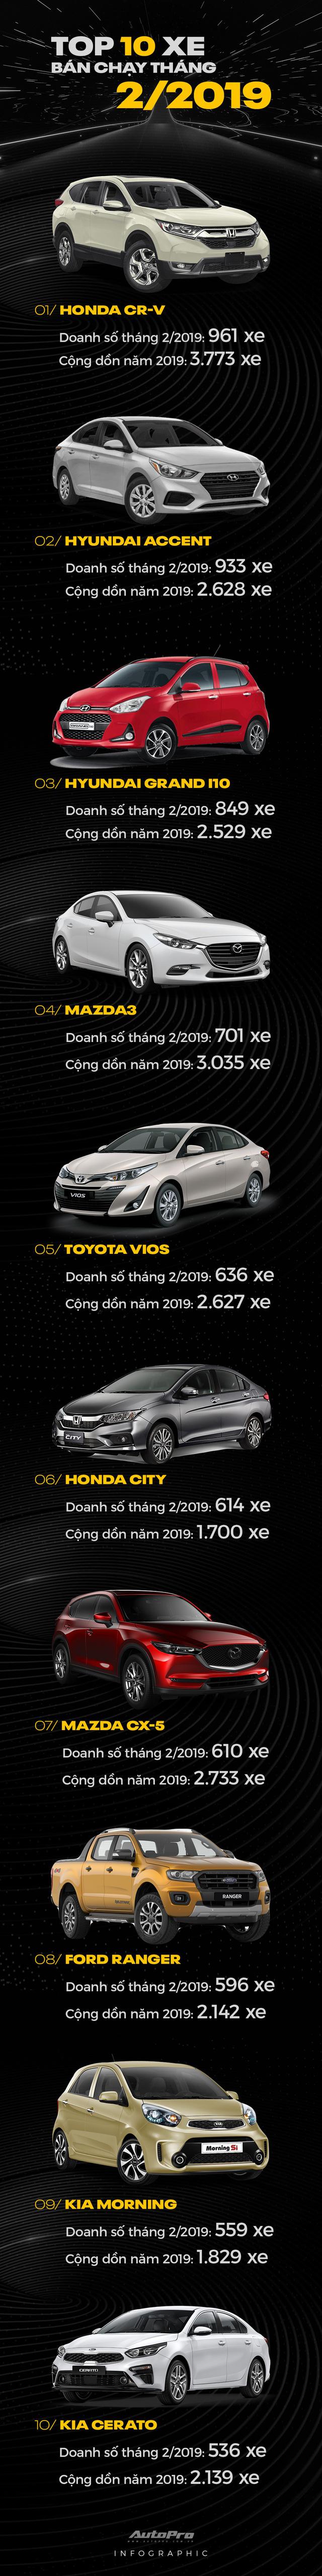 Người Việt bớt cuồng Toyota trong 2 tháng đầu năm 2019: Chỉ còn Vios dần trượt chân trong top 10 - Ảnh 1.